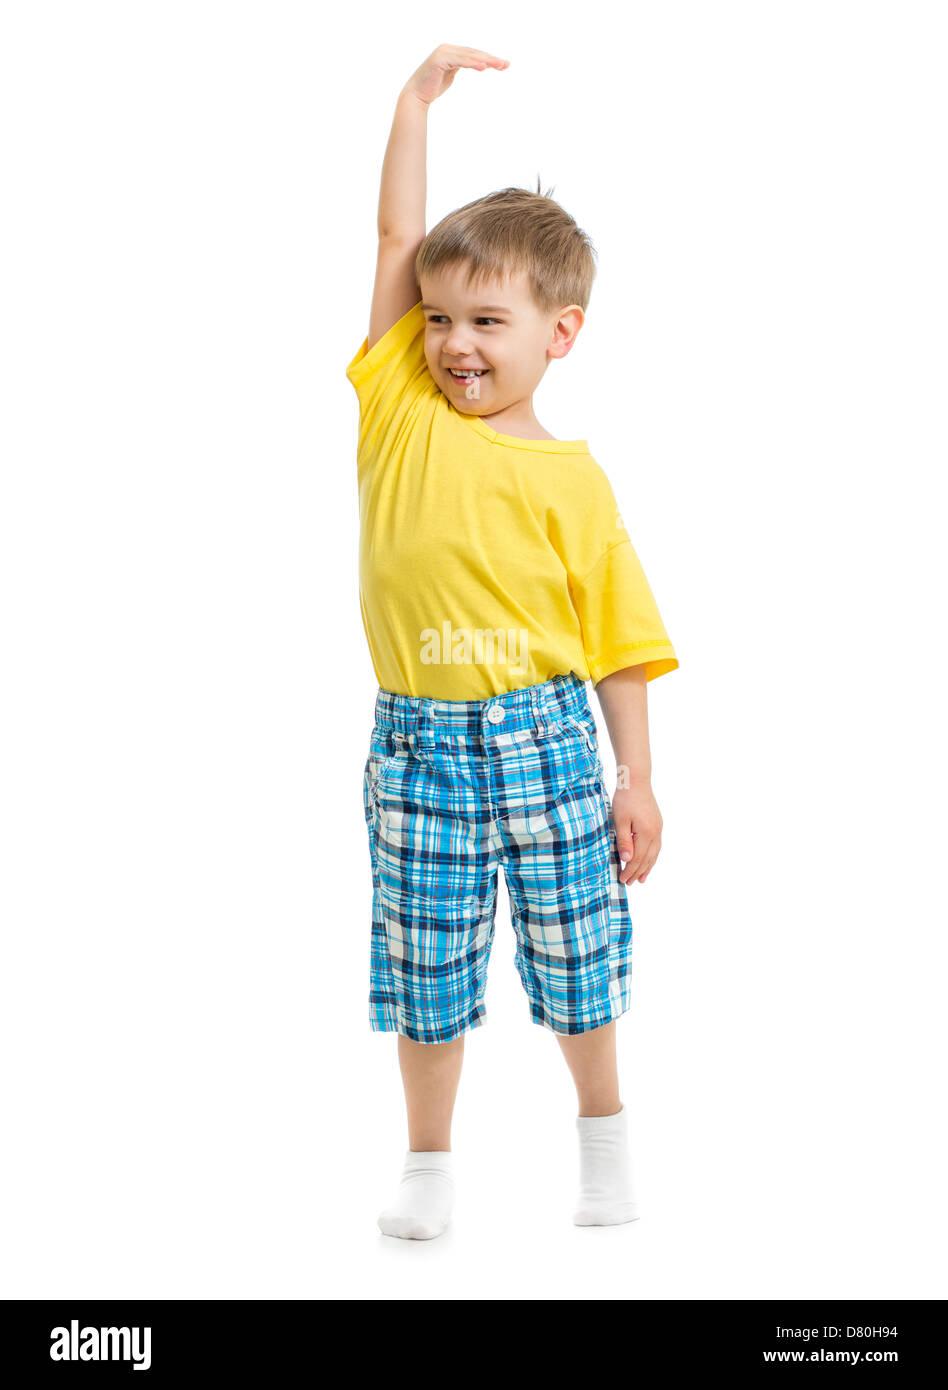 Kid dimostrando crescente. Isolato su bianco studio shot. Immagini Stock